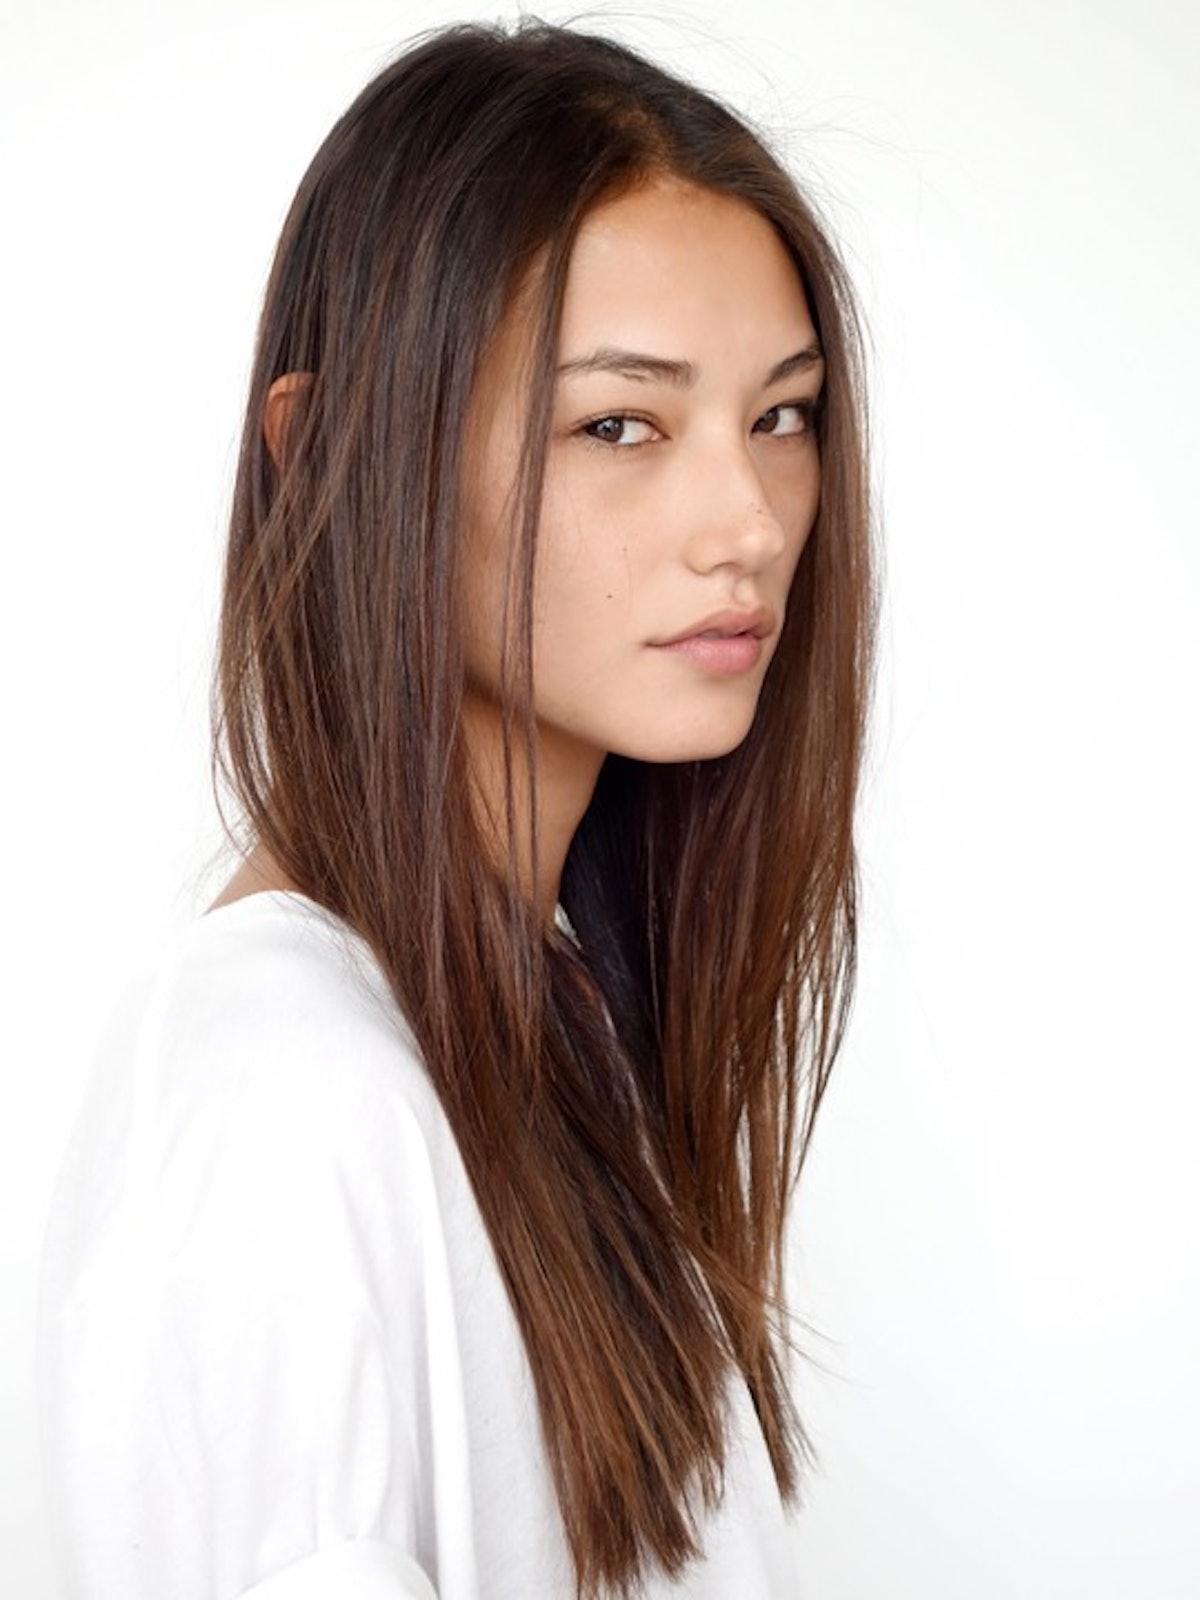 Kailey Hsu